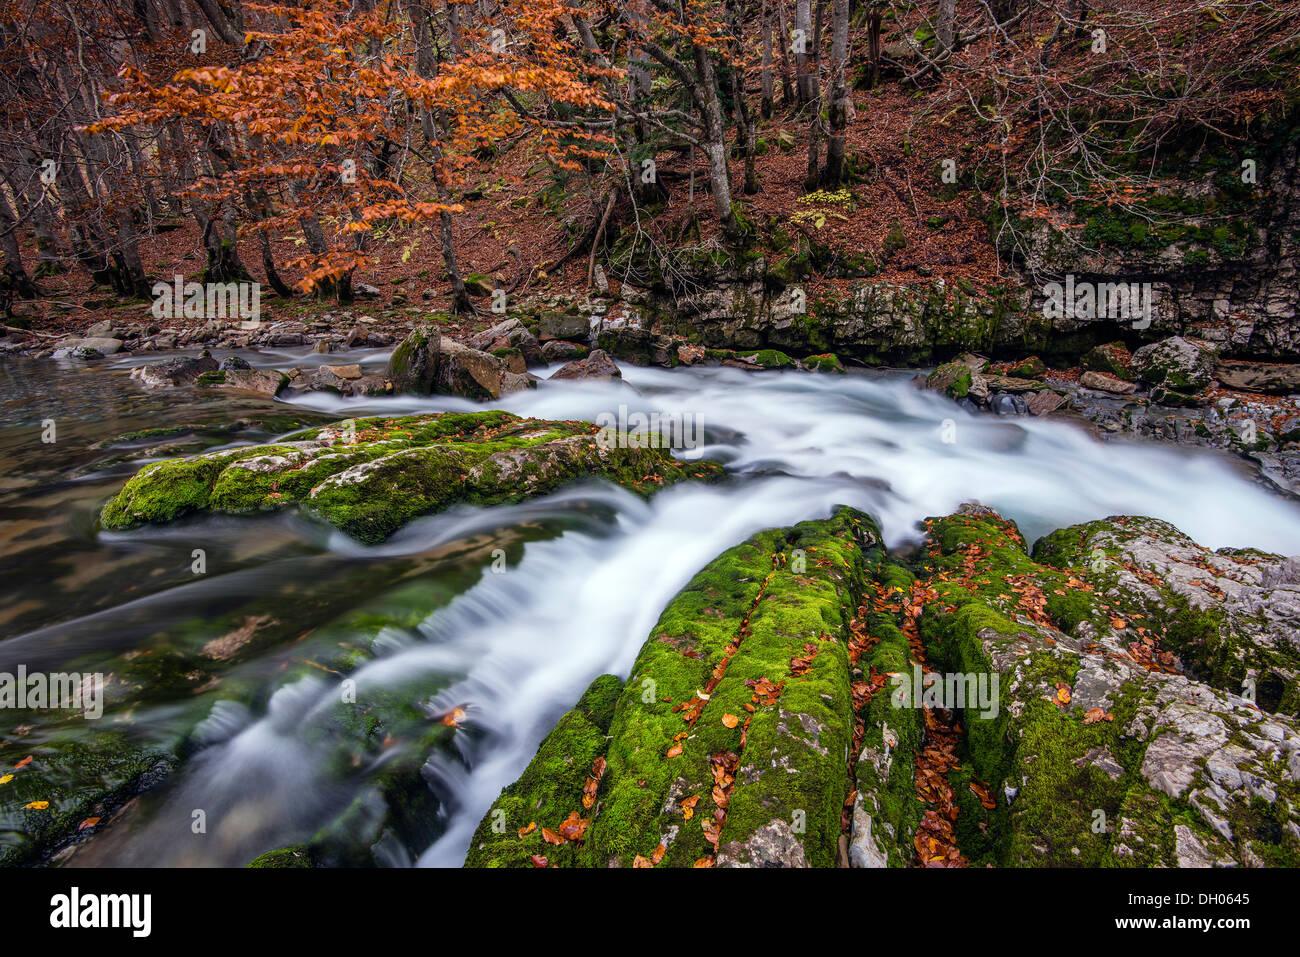 Autunno colorato paesaggio con motion blur fiume di montagna, Parco Nazionale di Ordesa e Monte Perdido, Huesca, Aragona, Spagna Immagini Stock